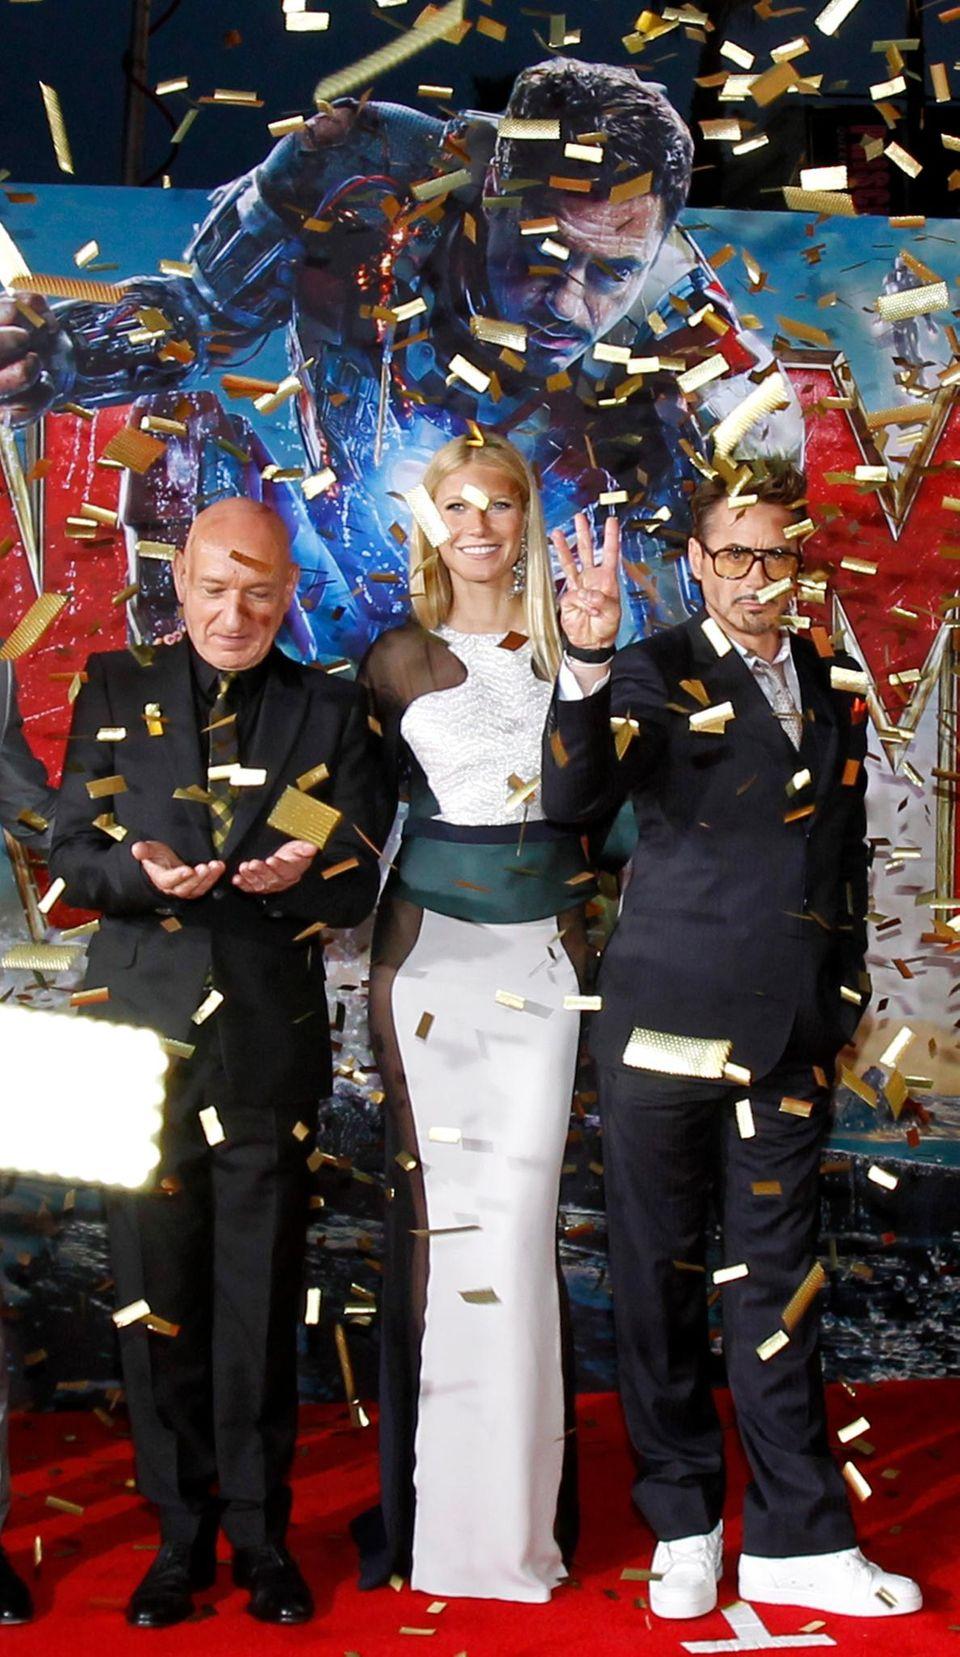 """Goldregen: Die """"Iron Man 3""""-Darsteller Sir Ben Kingsley, Gwyneth Paltrow und Robert Downey Jr. bei der Filmpremiere in Hollywood."""